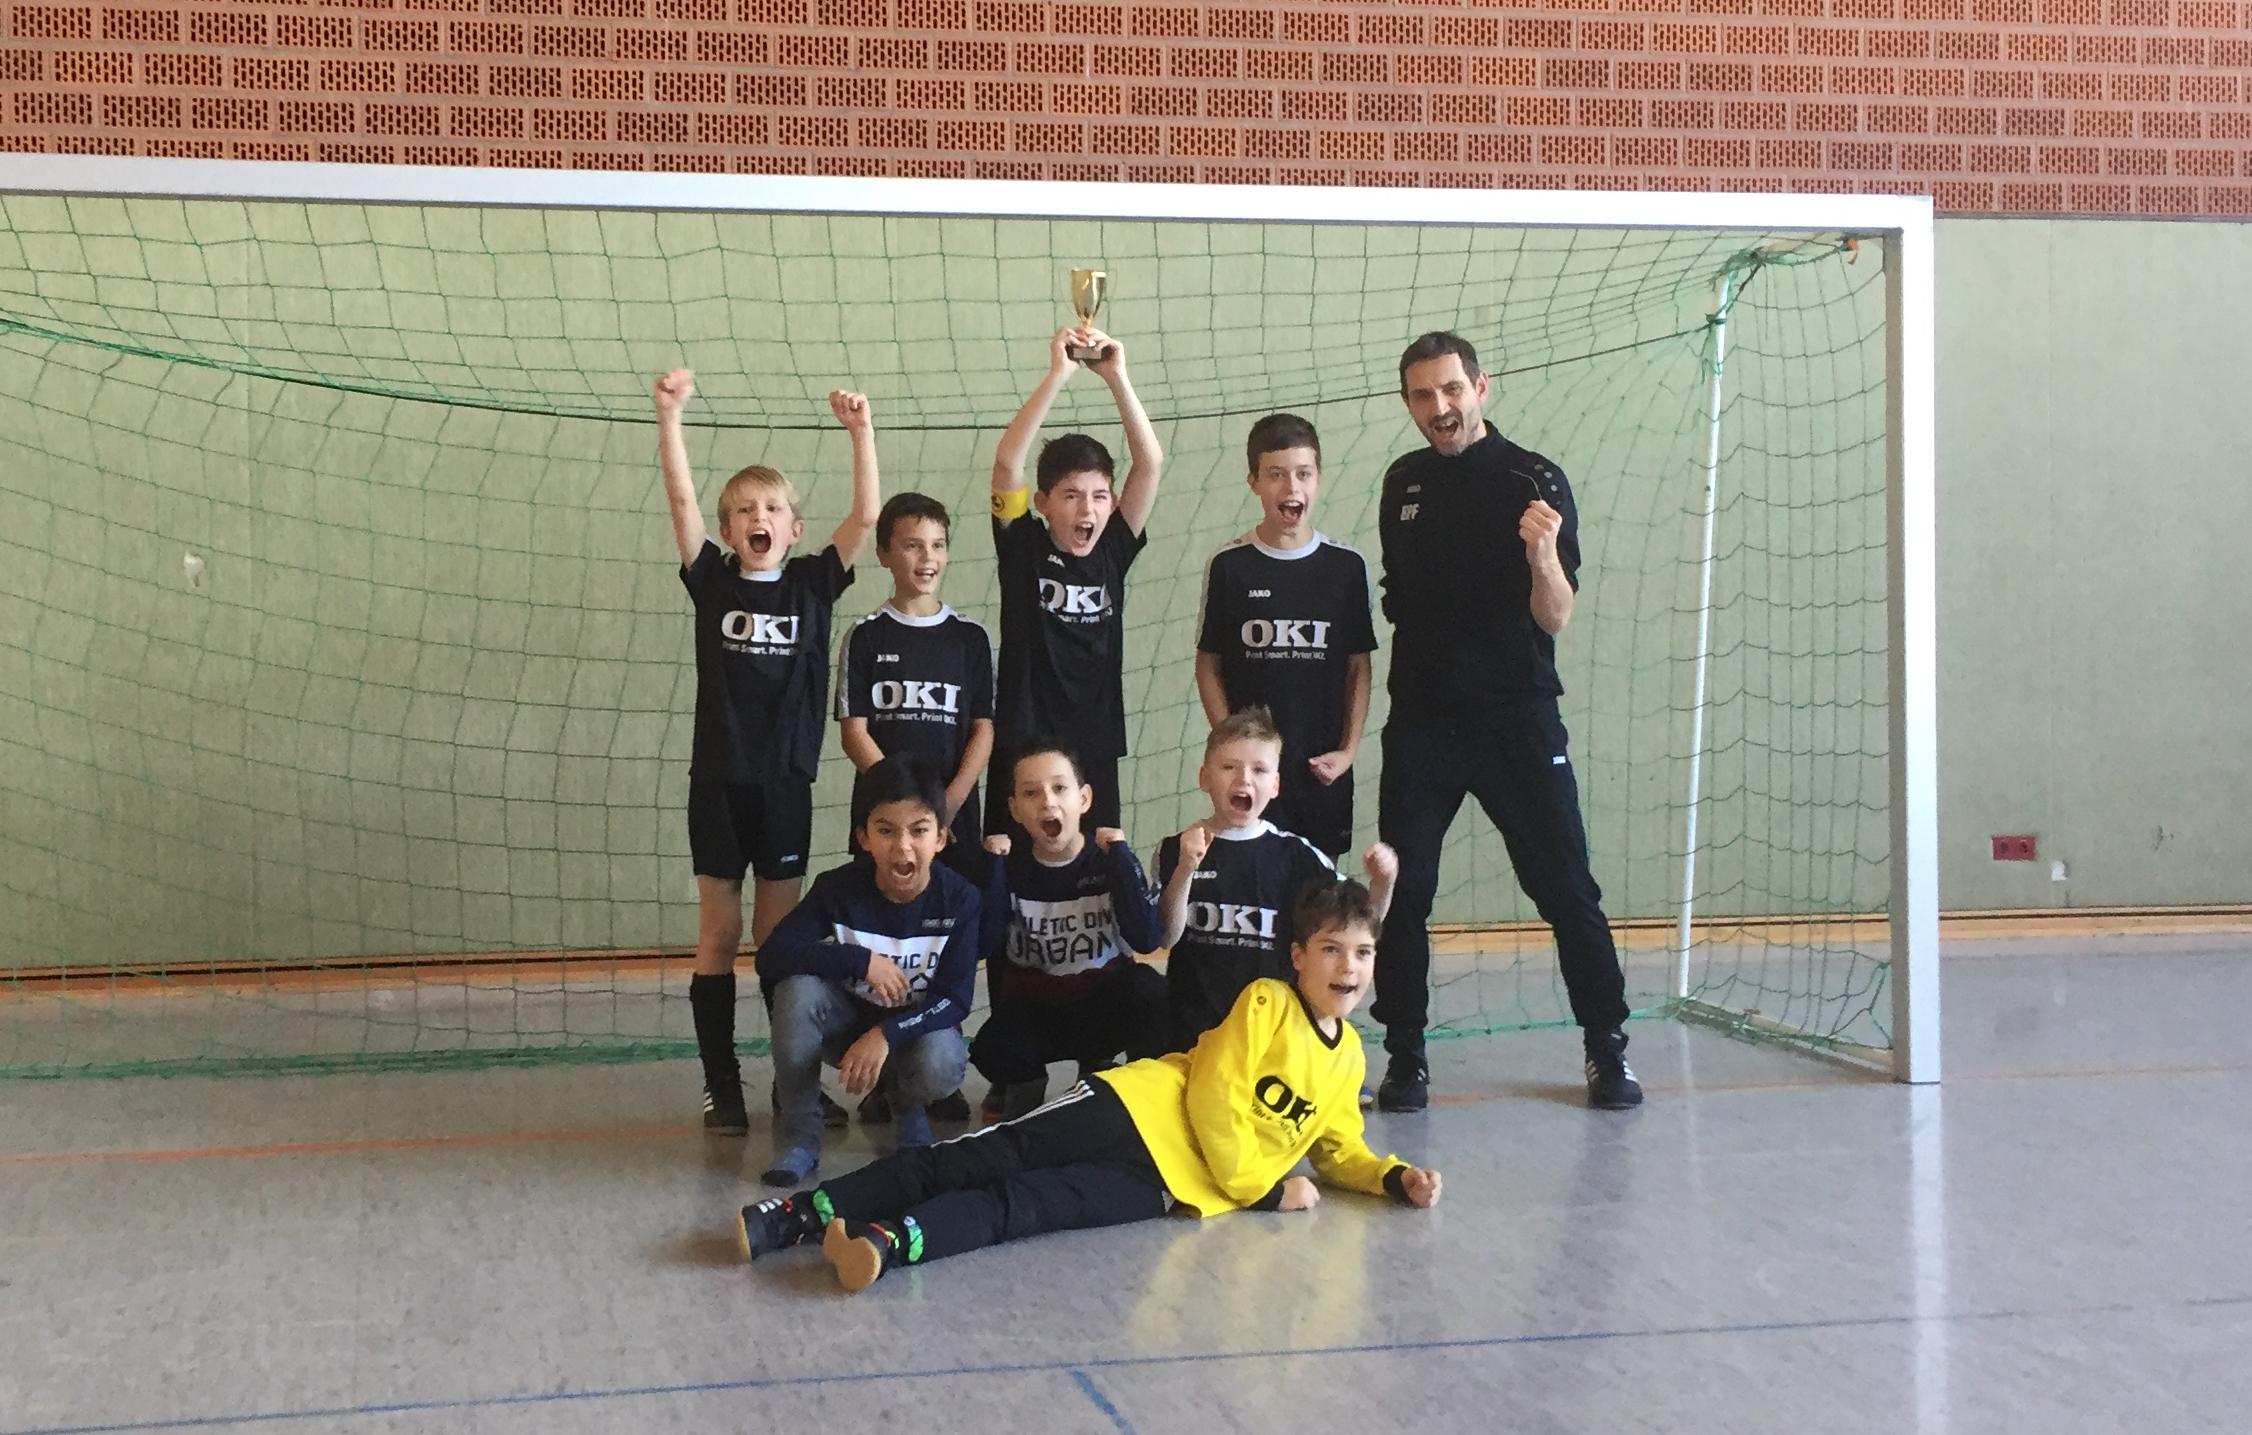 E1-Jugend gewinnt Hallenturnier in Wöllstein